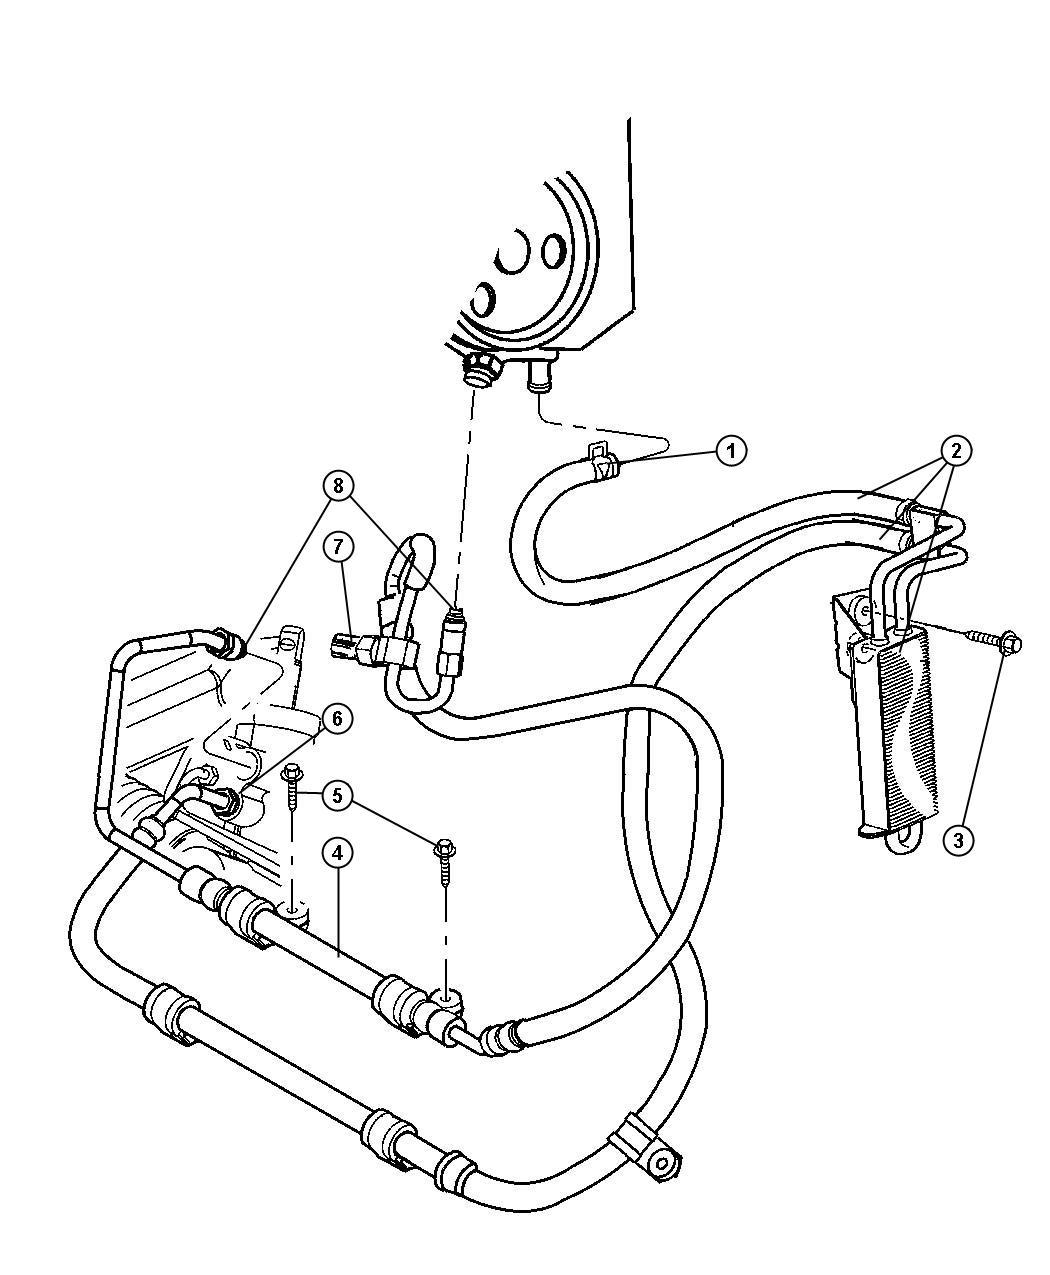 Jeep Grand Cherokee Cooler Power Steering Return